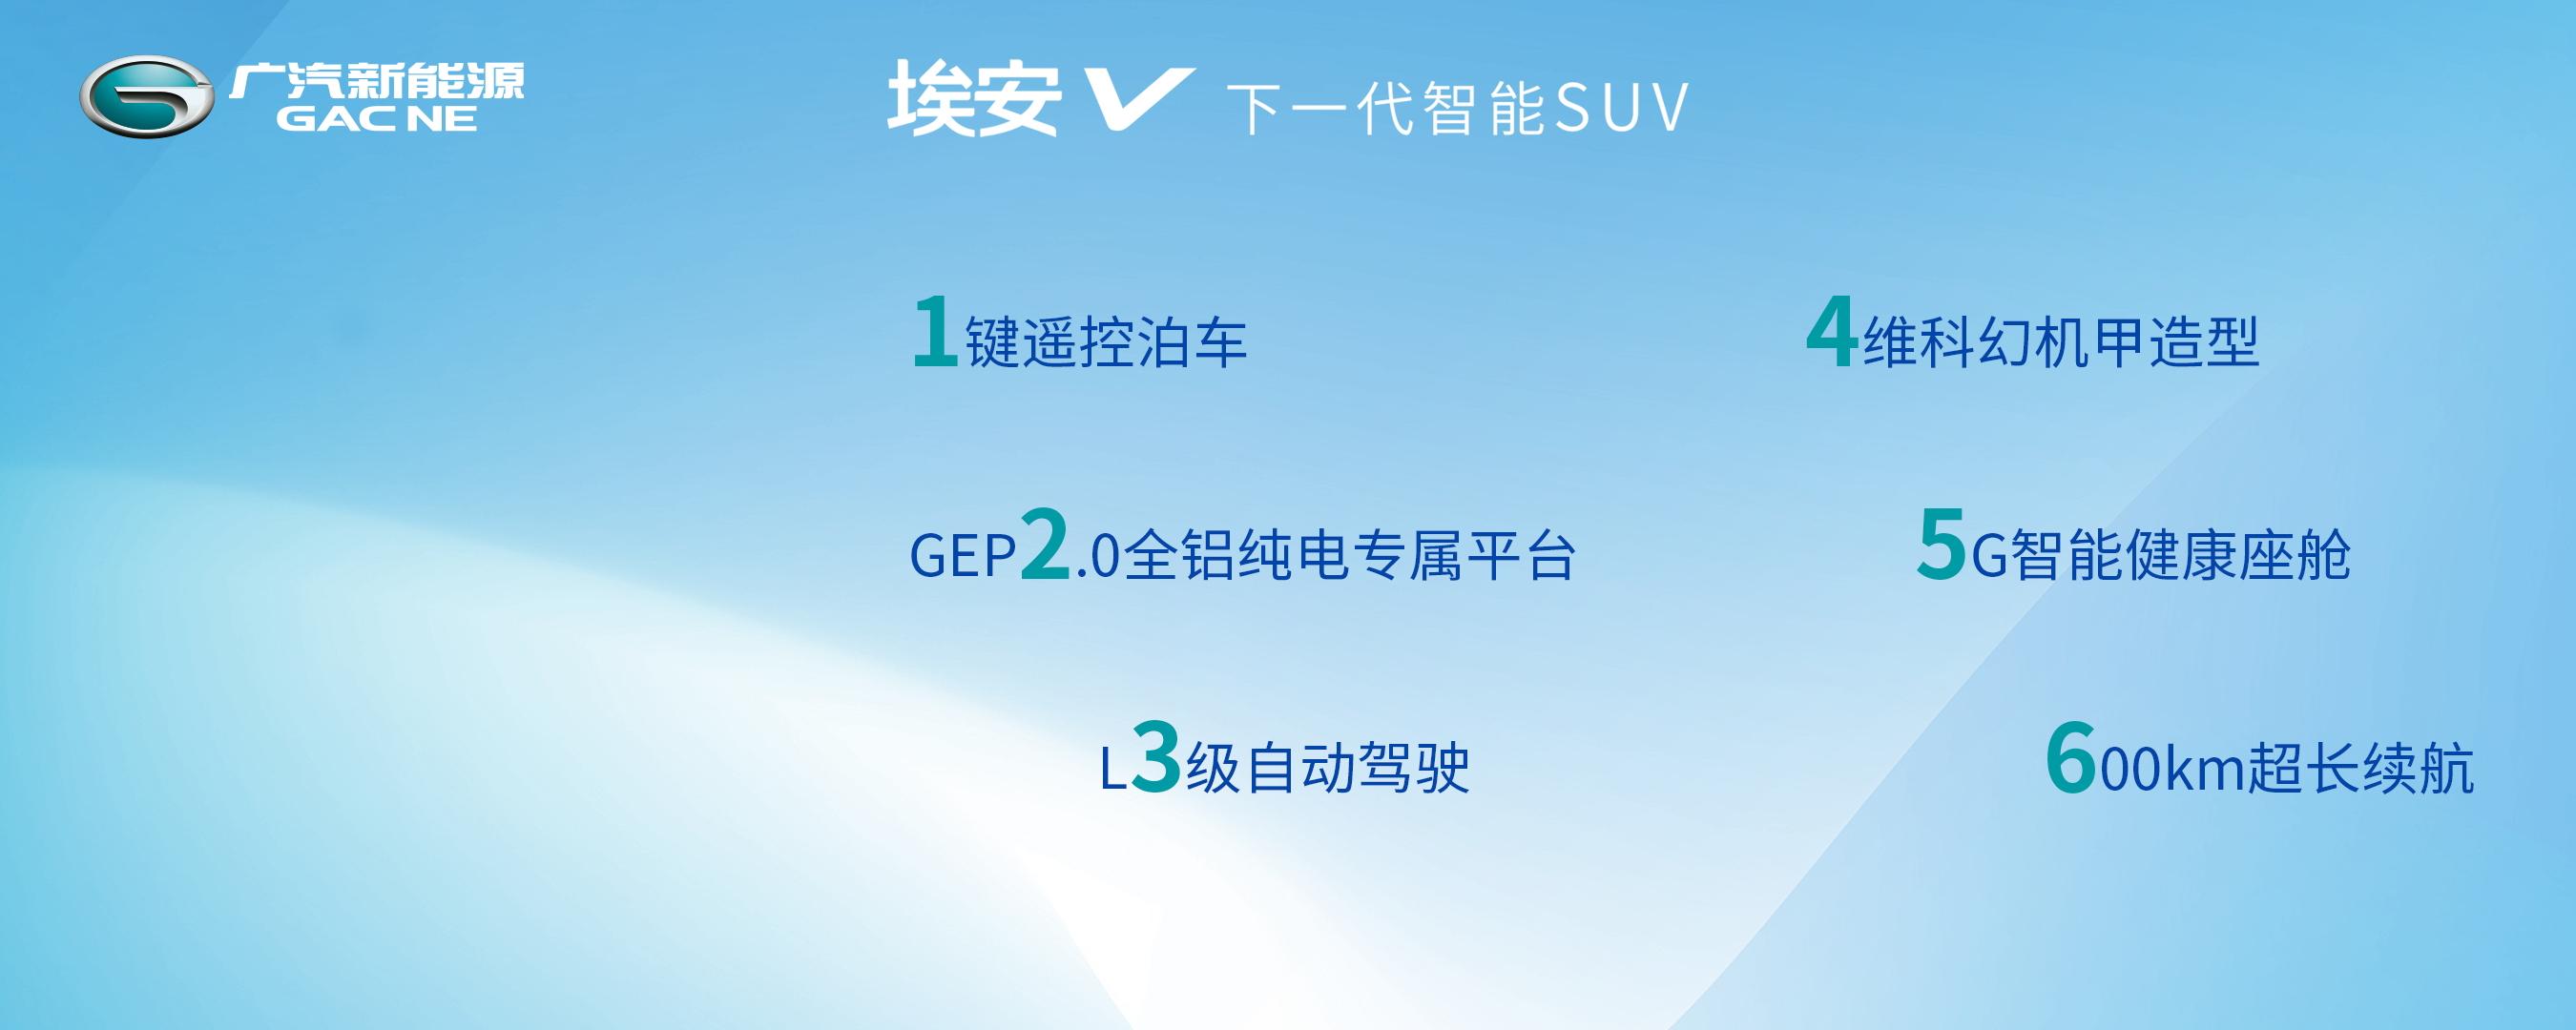 埃安V预售,5G+L3自动驾驶,抢占下一代智能SUV制高点(图7)